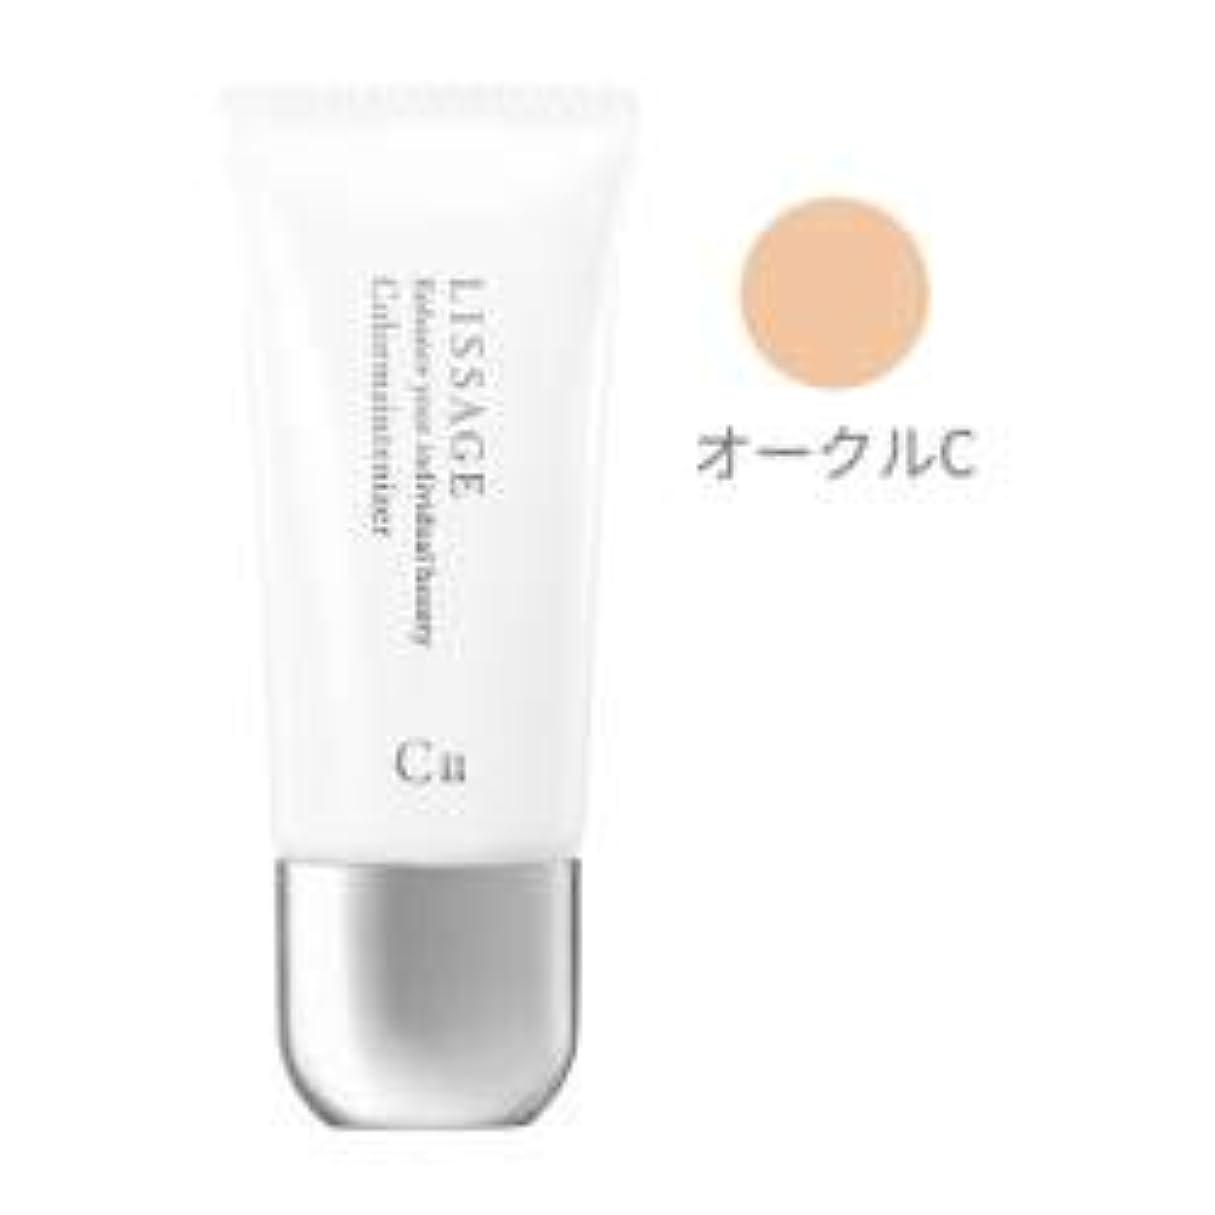 リサージ カラーメインテナイザーCII オークルC(SPF25/PA++)(30g)